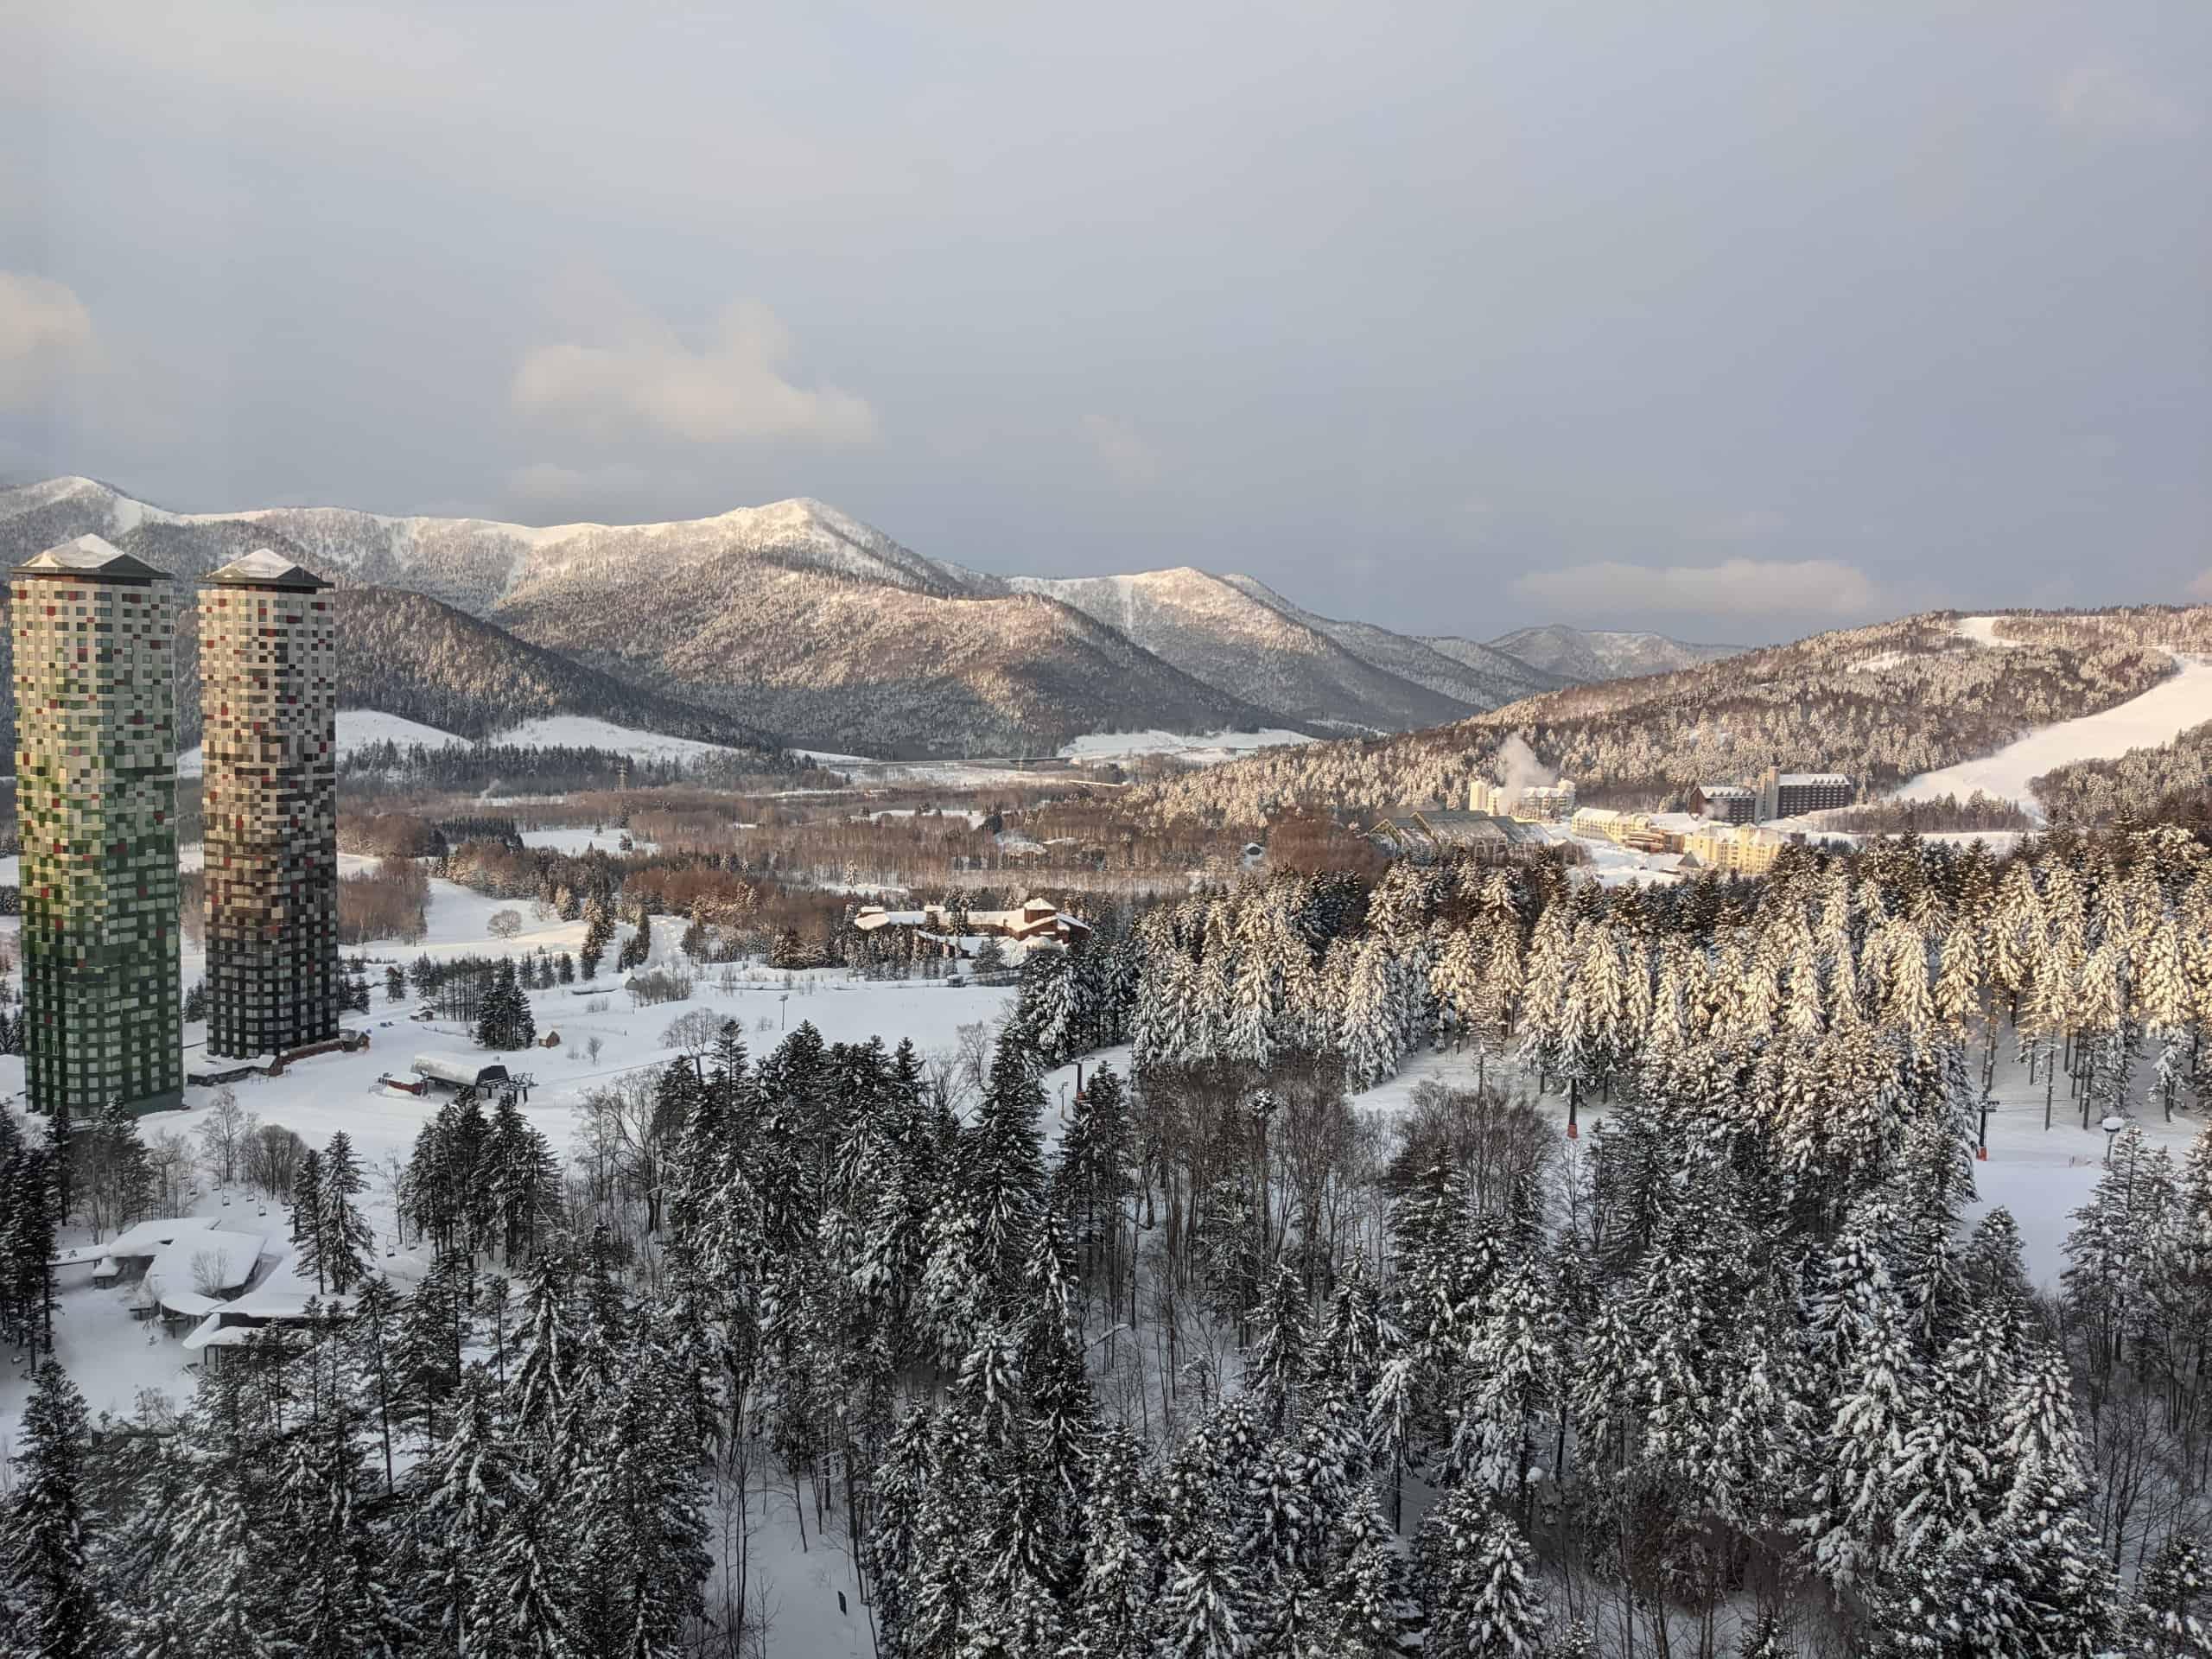 Tomamu - Hokkaido's Luxurious Snow Oasis